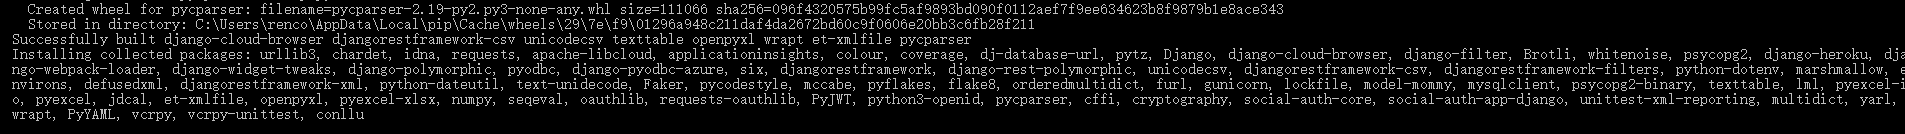 [外链图片转存失败,源站可能有防盗链机制,建议将图片保存下来直接上传(img-d77E3dkk-1575951194477)(C:\Users\renco\AppData\Roaming\Typora\typora-user-images\12.9.1.png)]